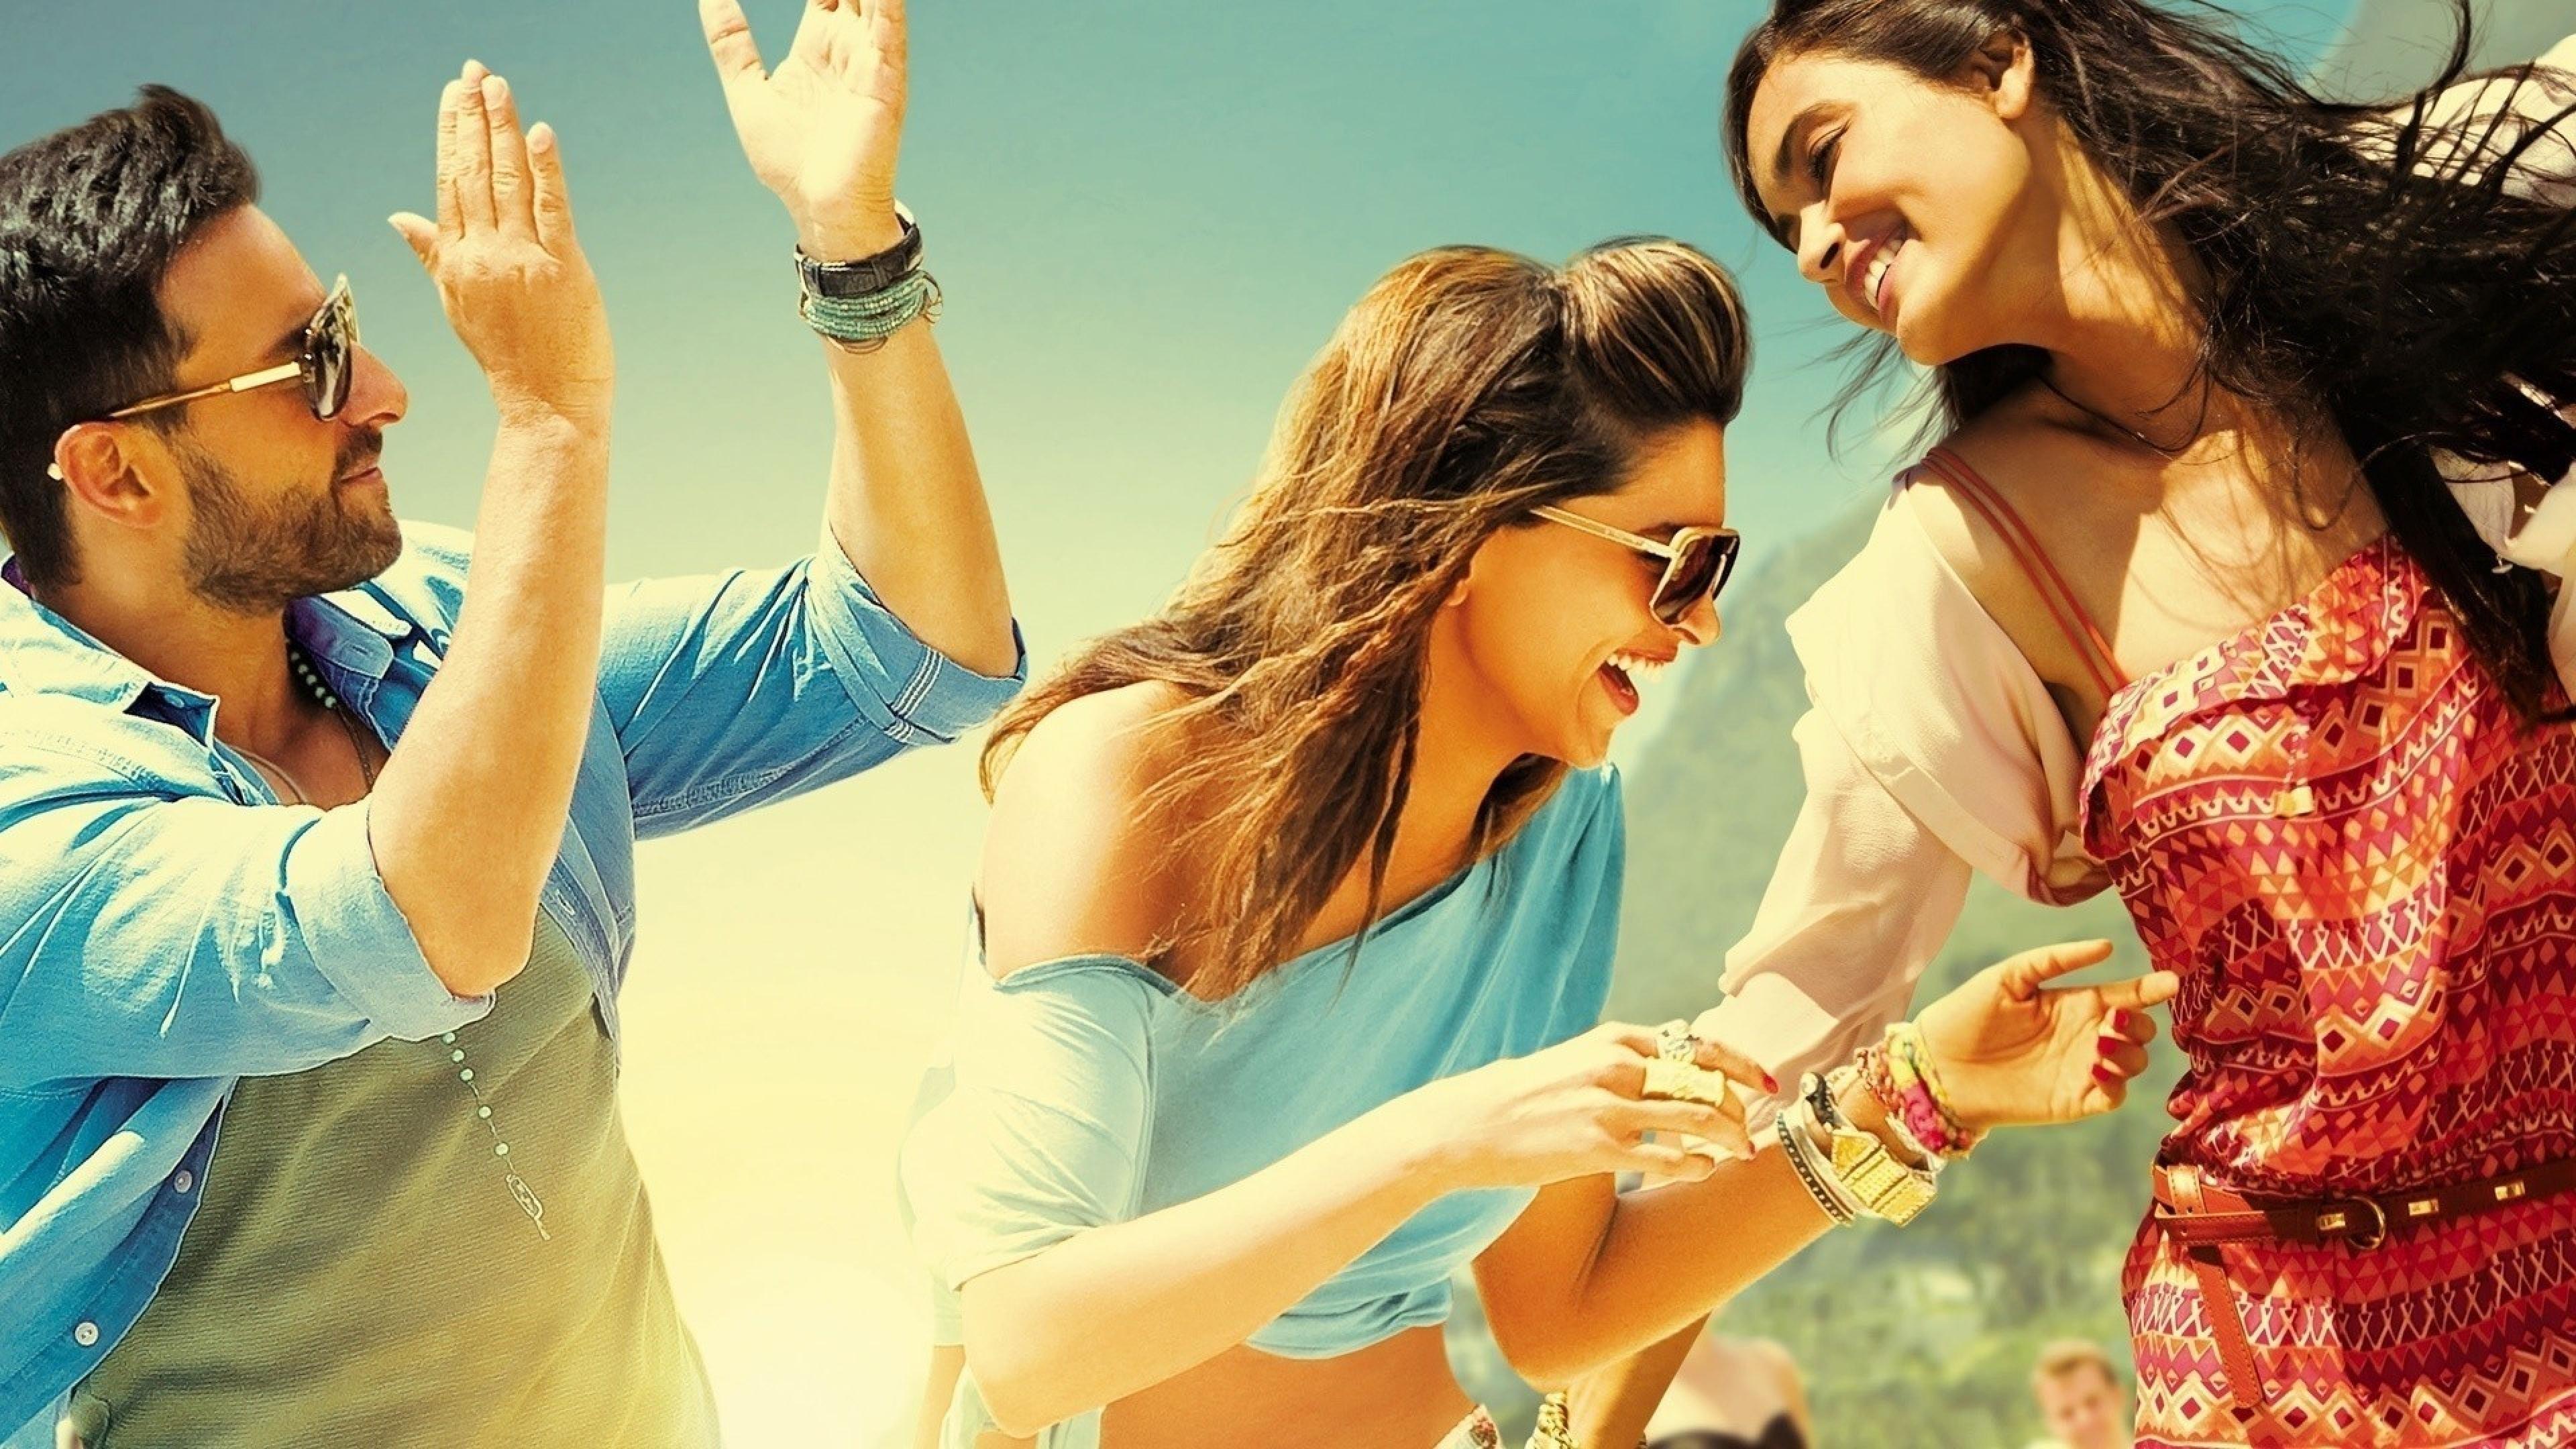 Картинка: Компания, мужчина, девушки, очки, веселье, смех, настроение